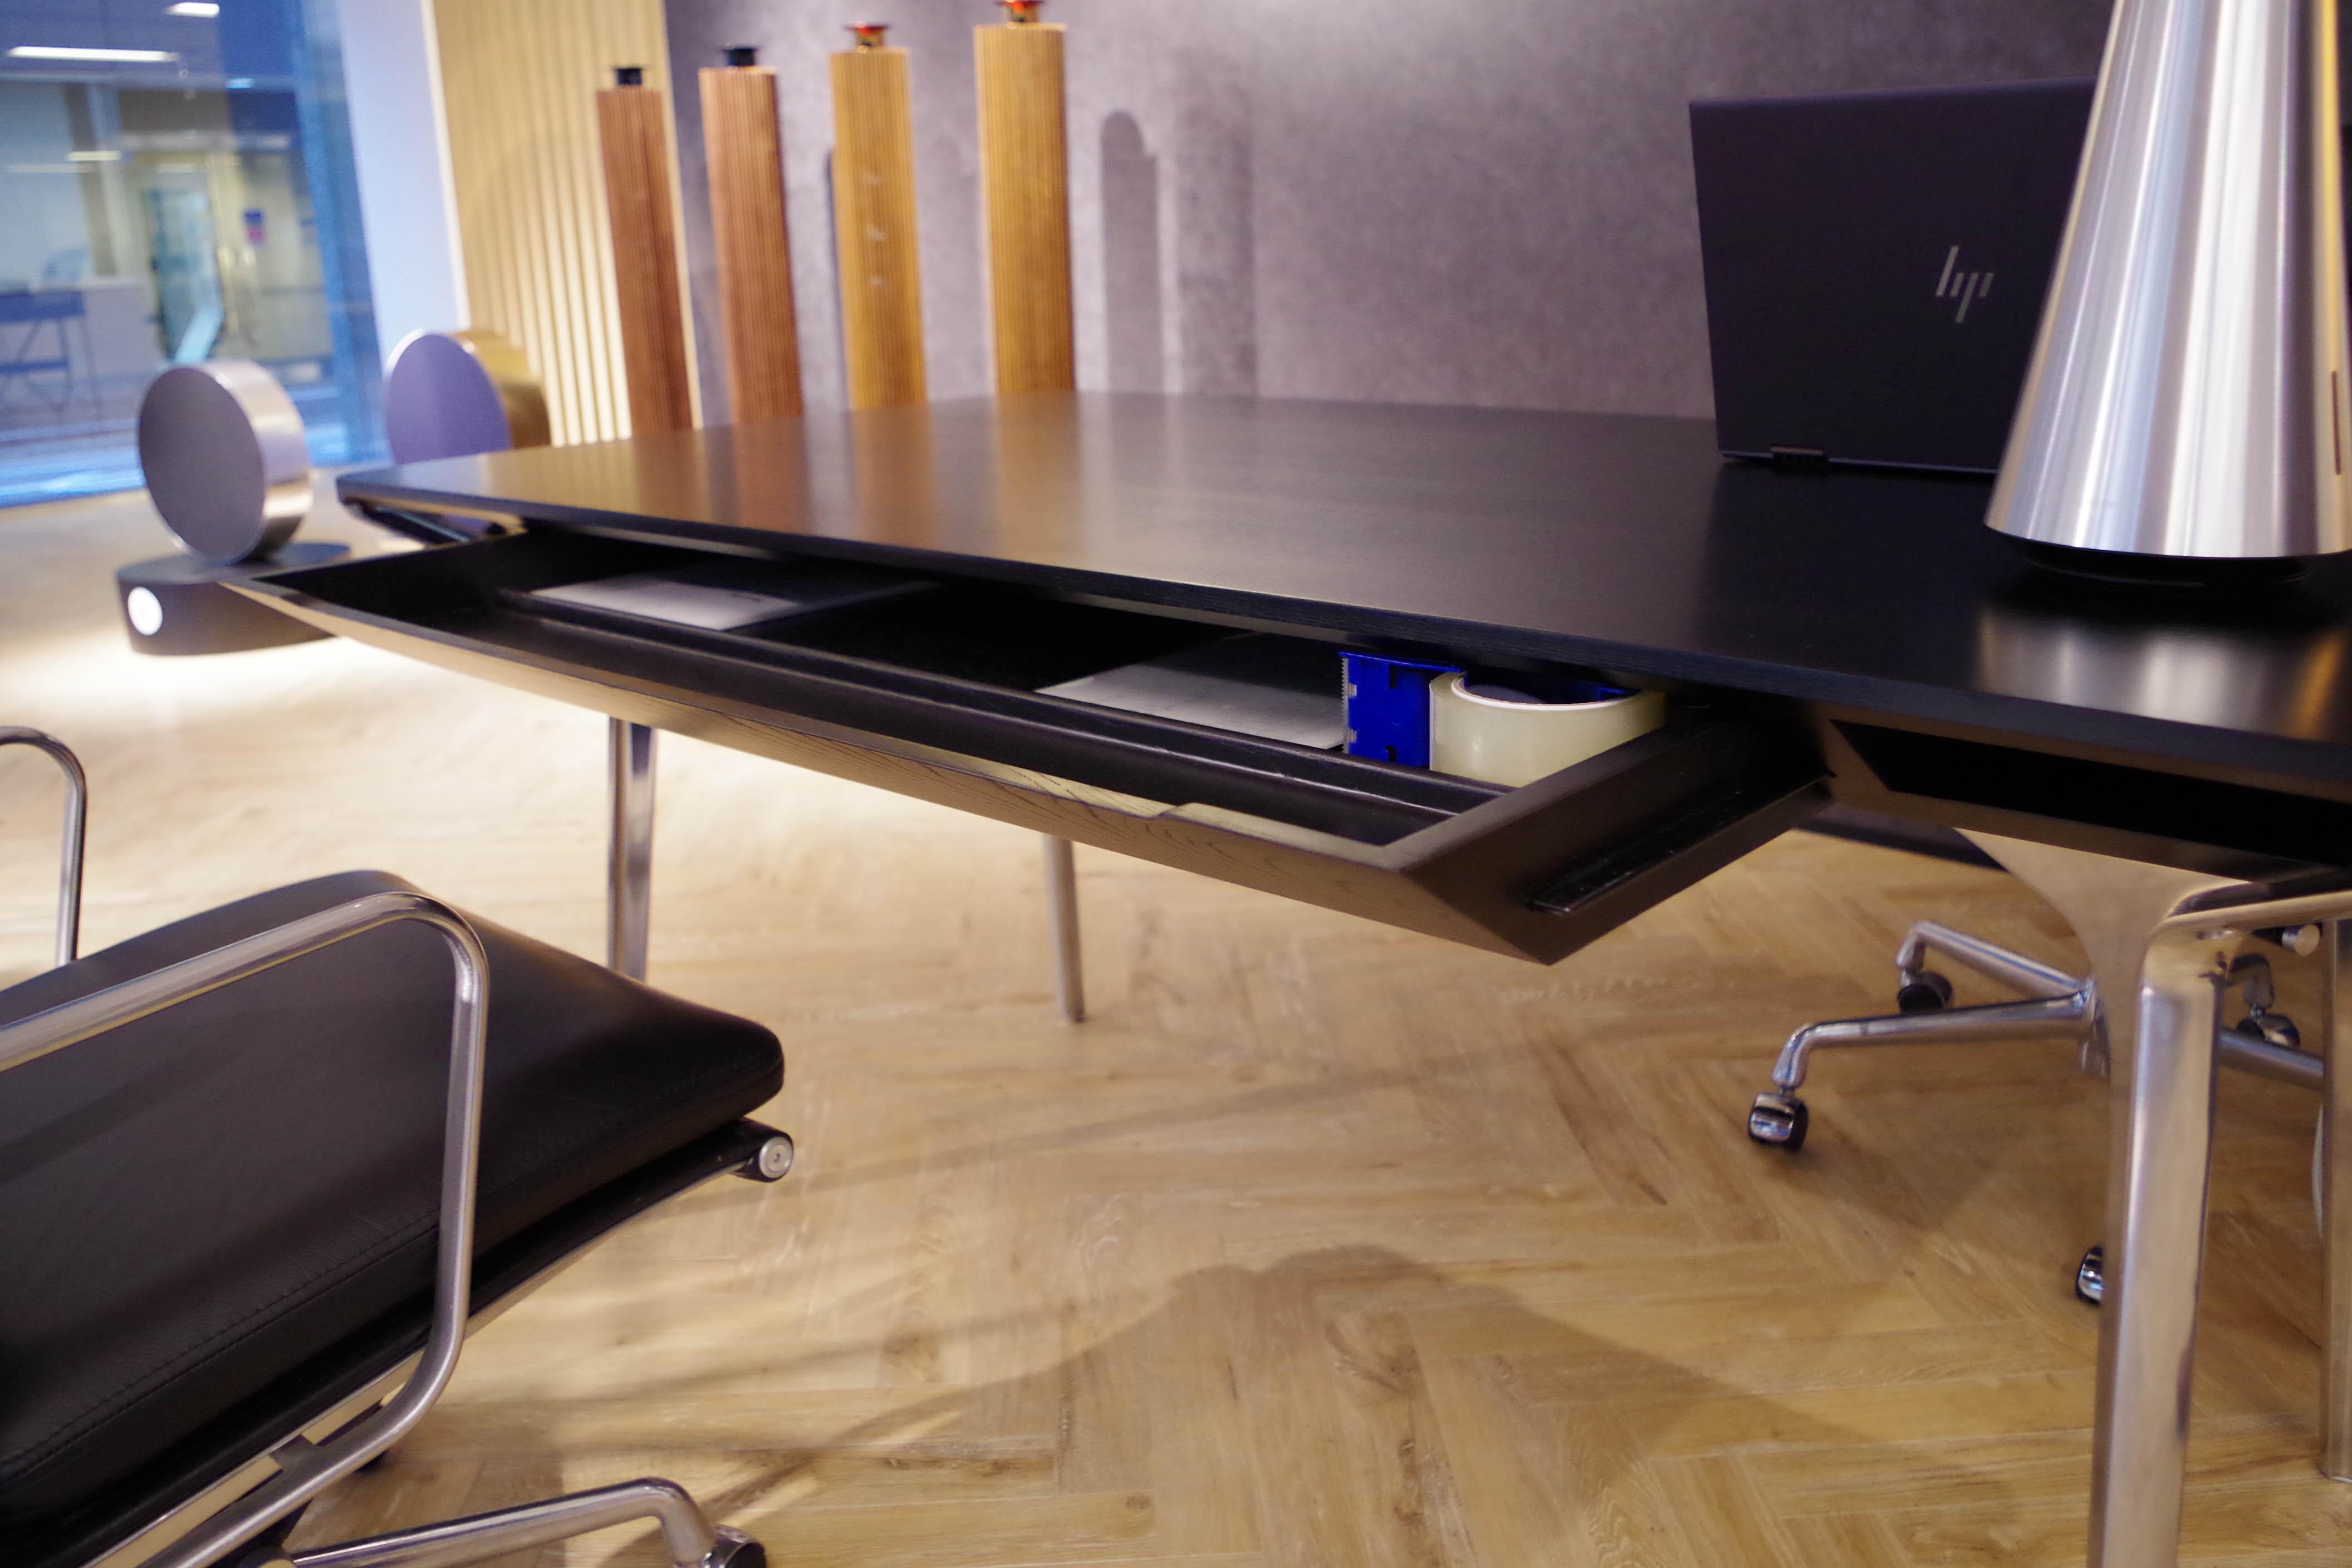 実物のカラフテーブル2